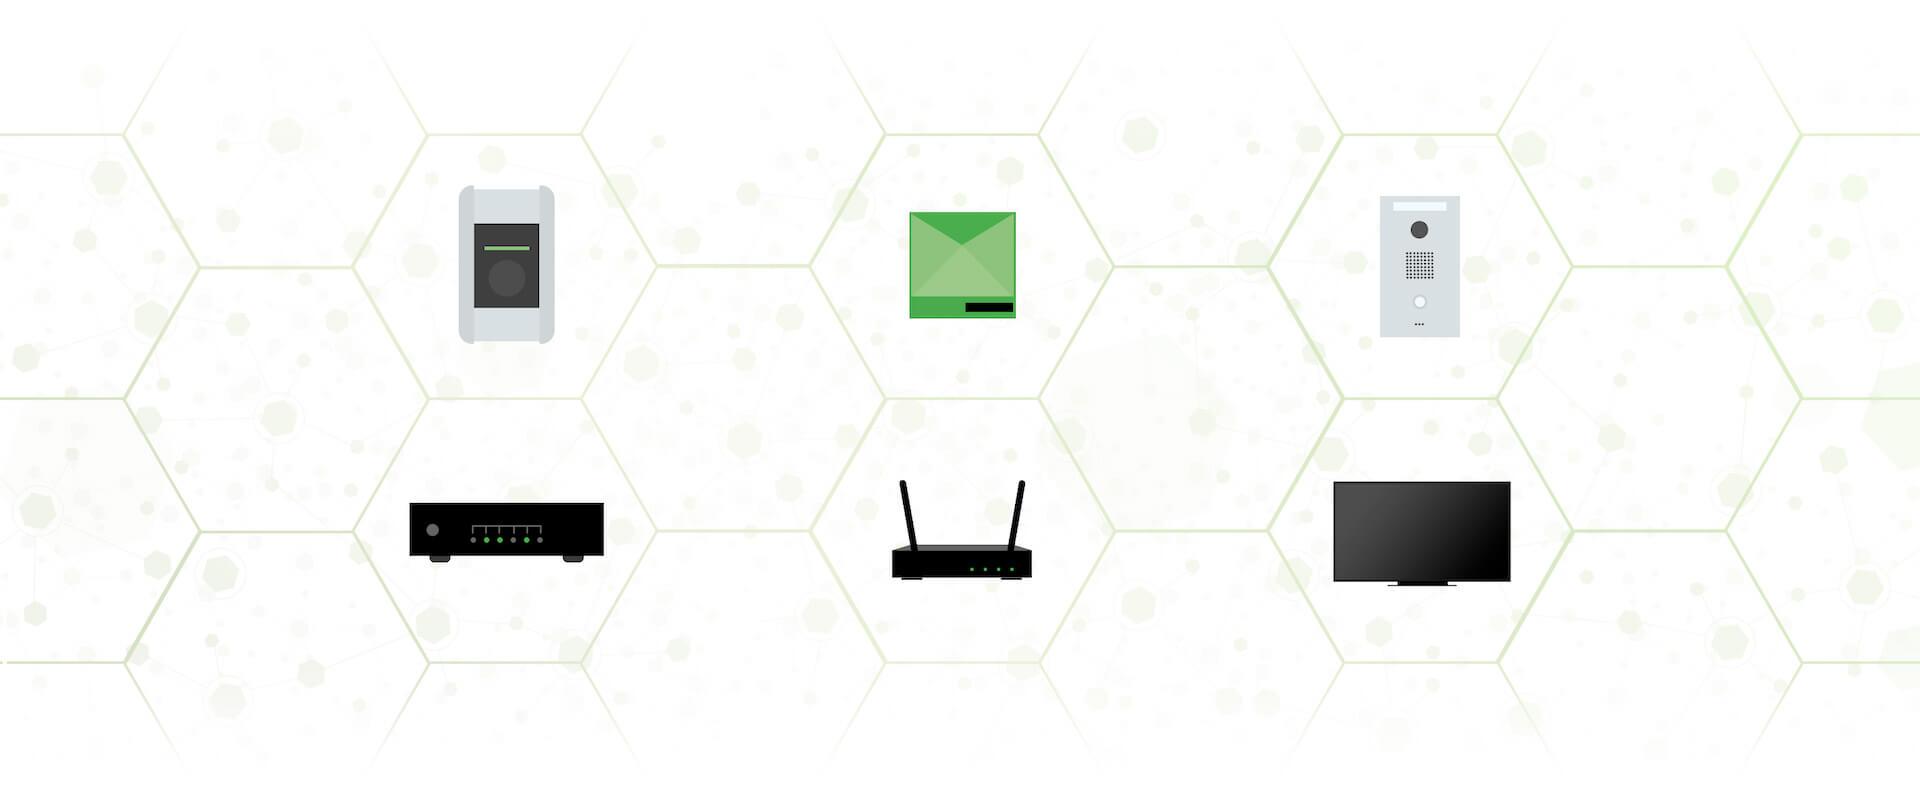 1.Proiectare - Verdom vă ajută să planificați proiectul, vă sfătuim cu privire la instrumentele și funcțiile pe care le puteți implementa ideile.